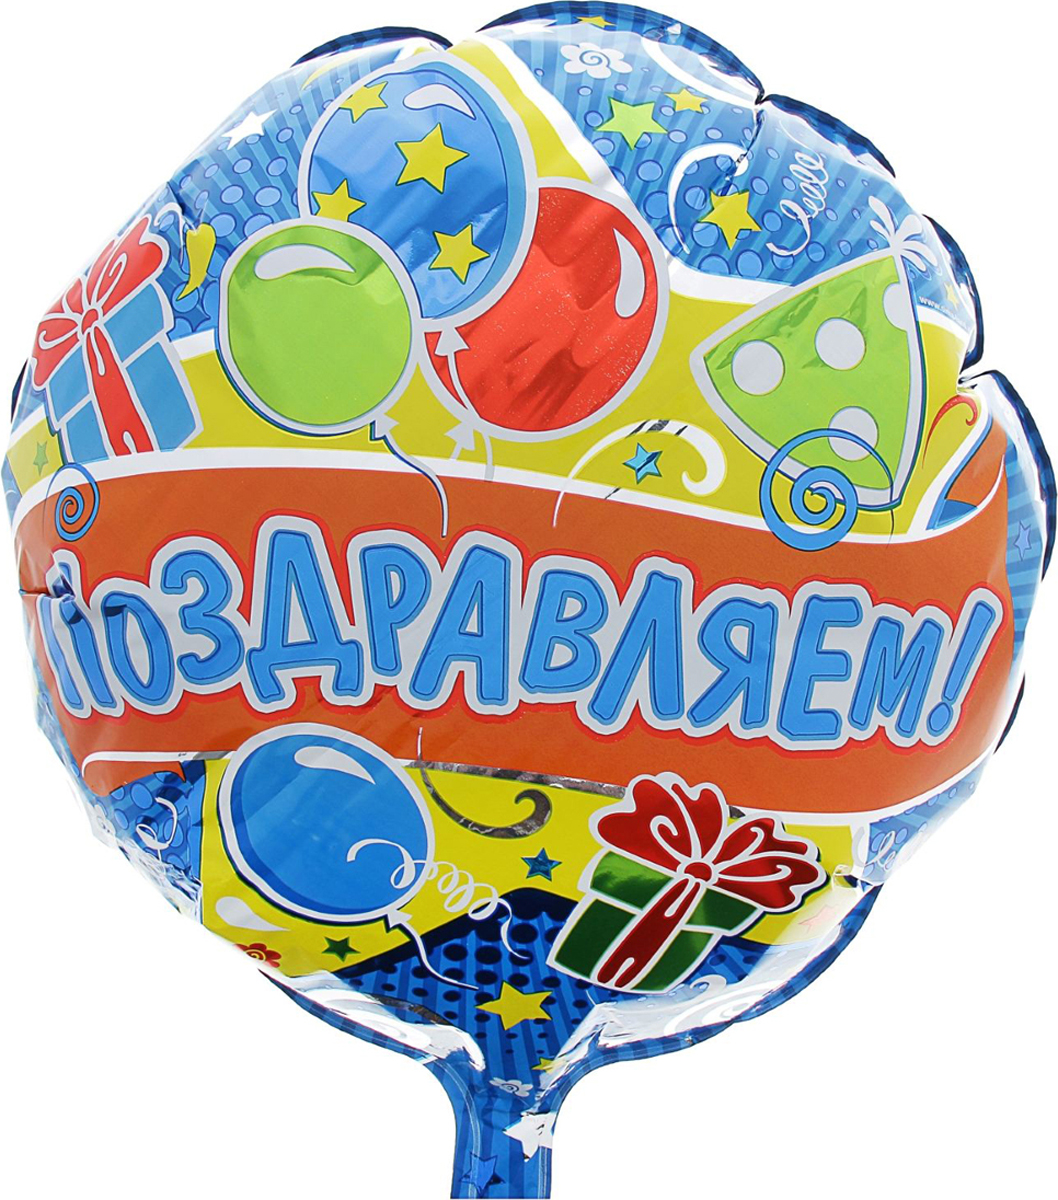 Страна Карнавалия Шар фольгированный Поздравляем Круг 18 дюймов 332966 страна карнавалия шар фольгированный поздравляем круг 18 дюймов 332966